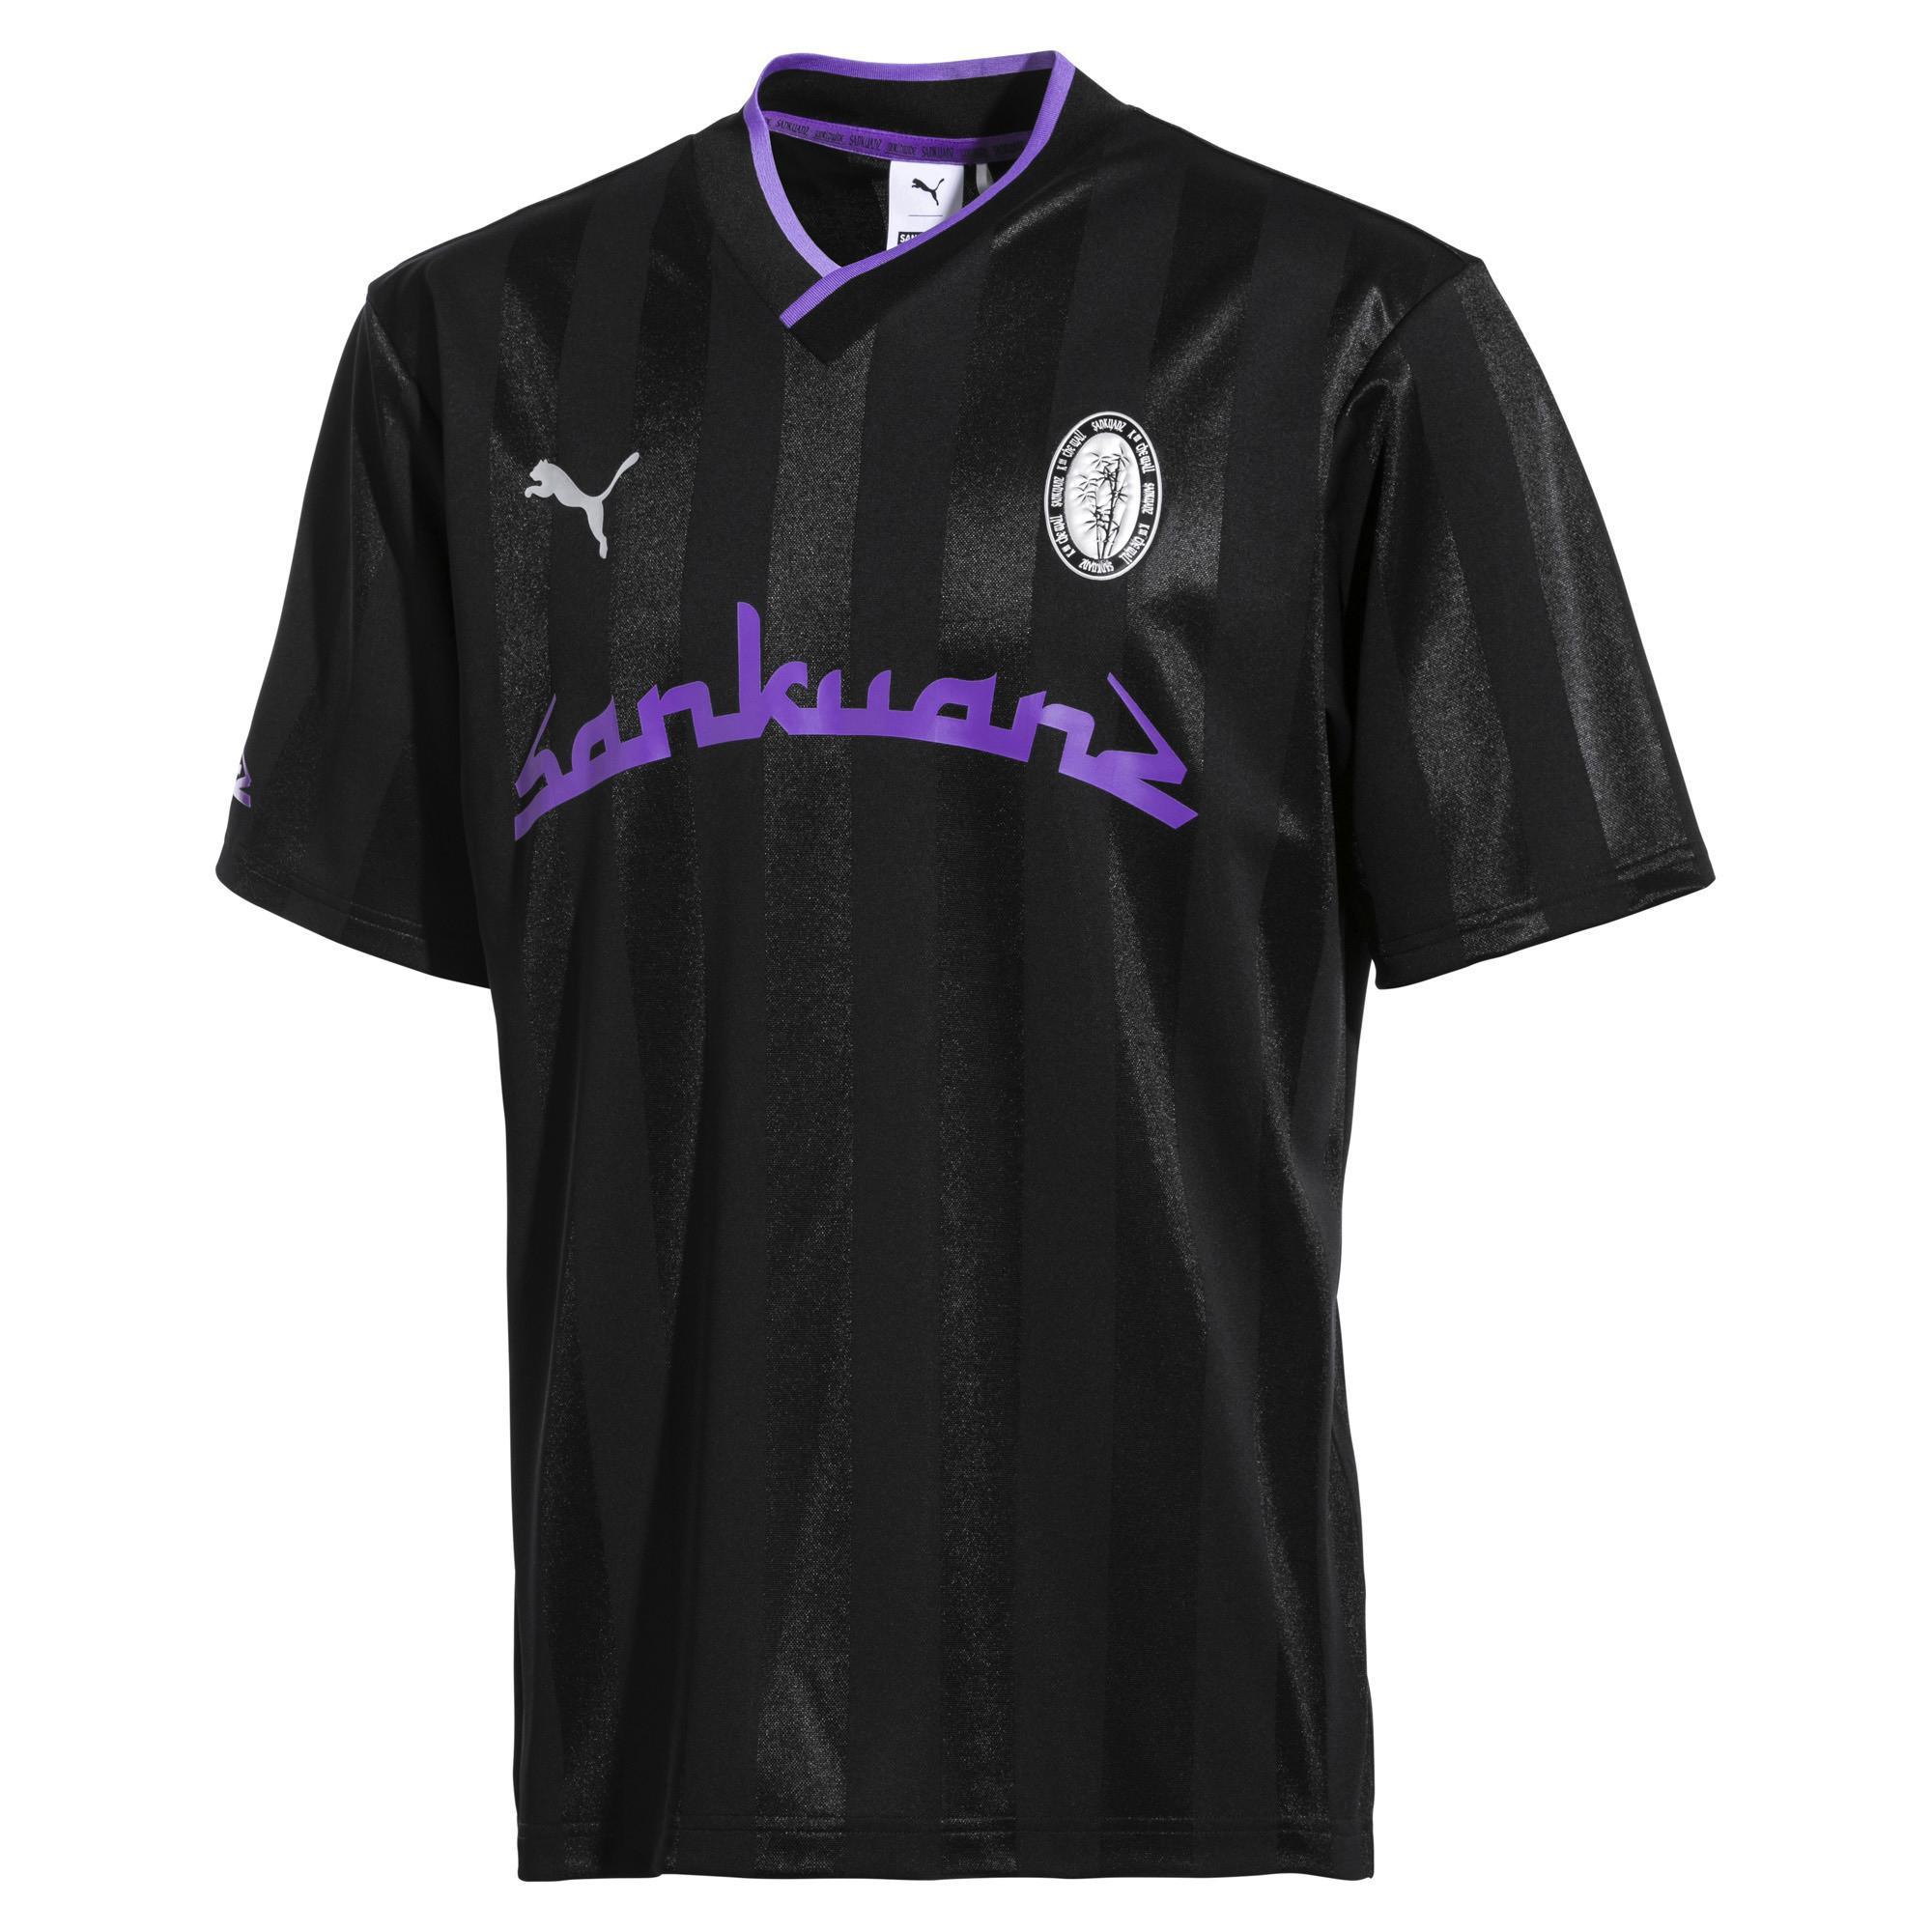 55d675f2a8ffa Puma Men's T-Shirts & Tops price in Malaysia - Best Puma Men's T ...